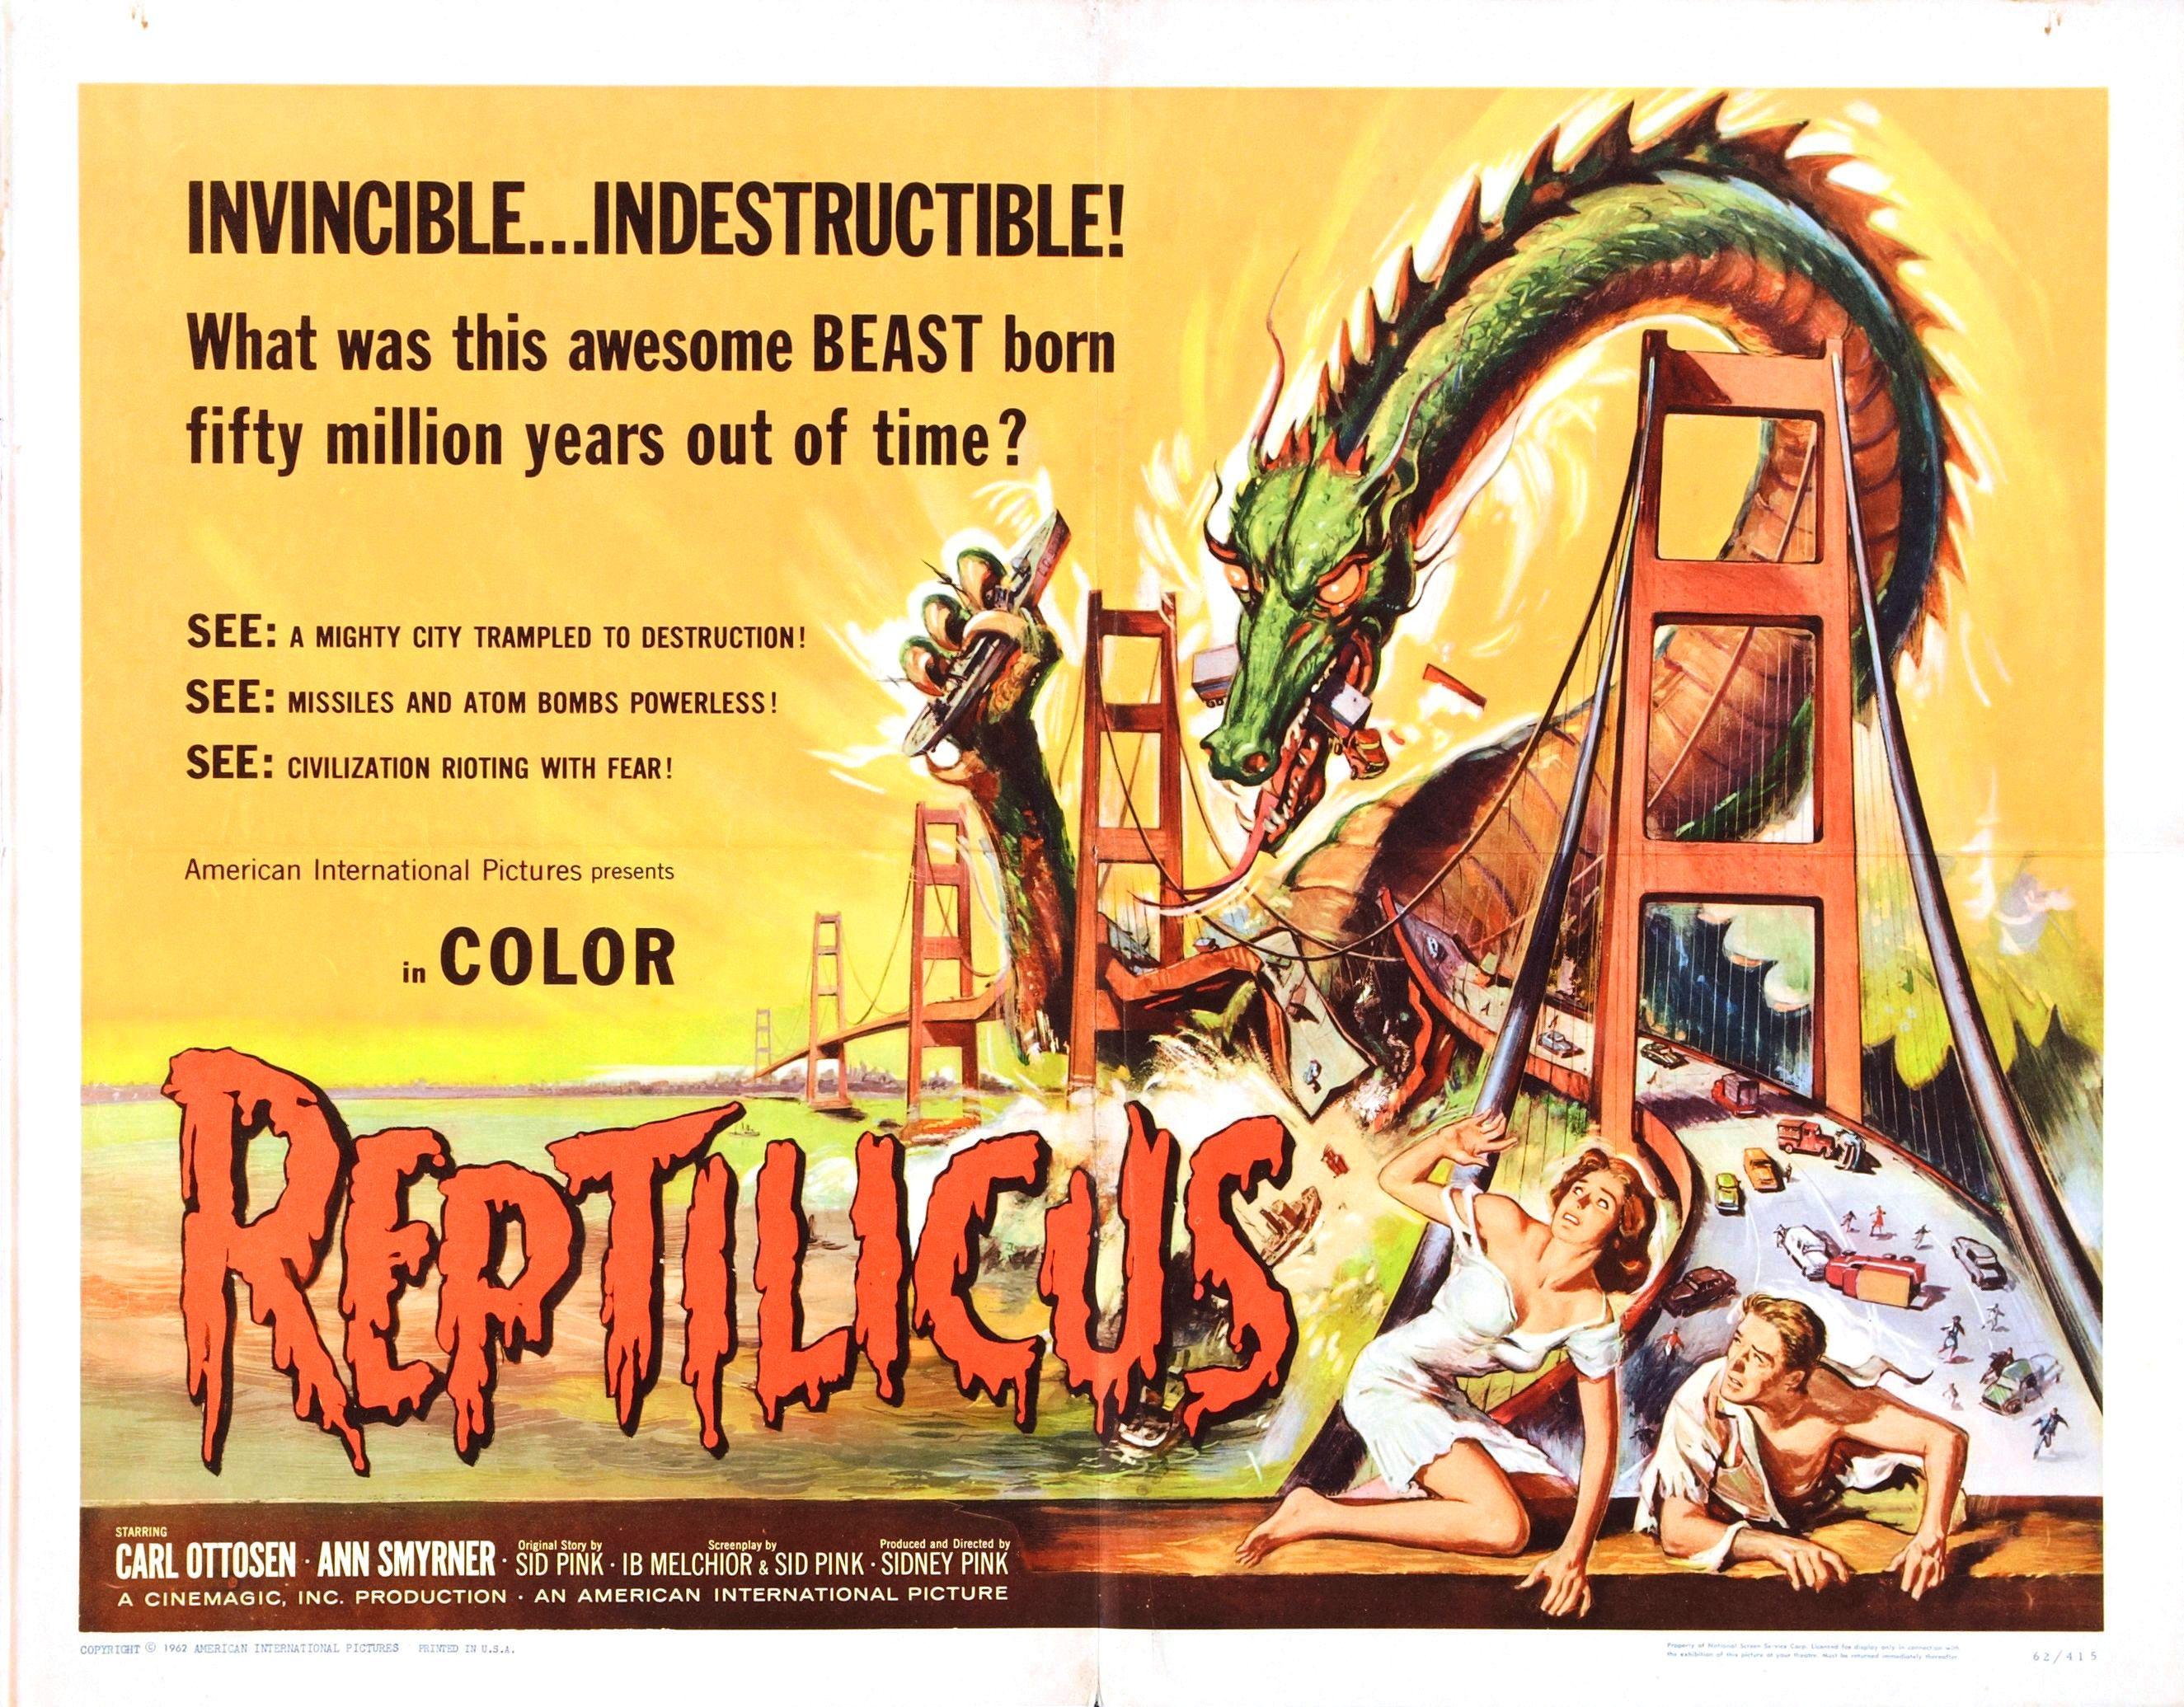 Reptilicus 1961  Action Horror Sci-Fi, Ann Smyrner, Asbjørn Andersen, Bent Mejding, Carl Ottosen, Dirch Passer, Marlies Behrens, Mimi Heinrich, Ole Wisborg, Povl Wøldike, Sidney W. Pink